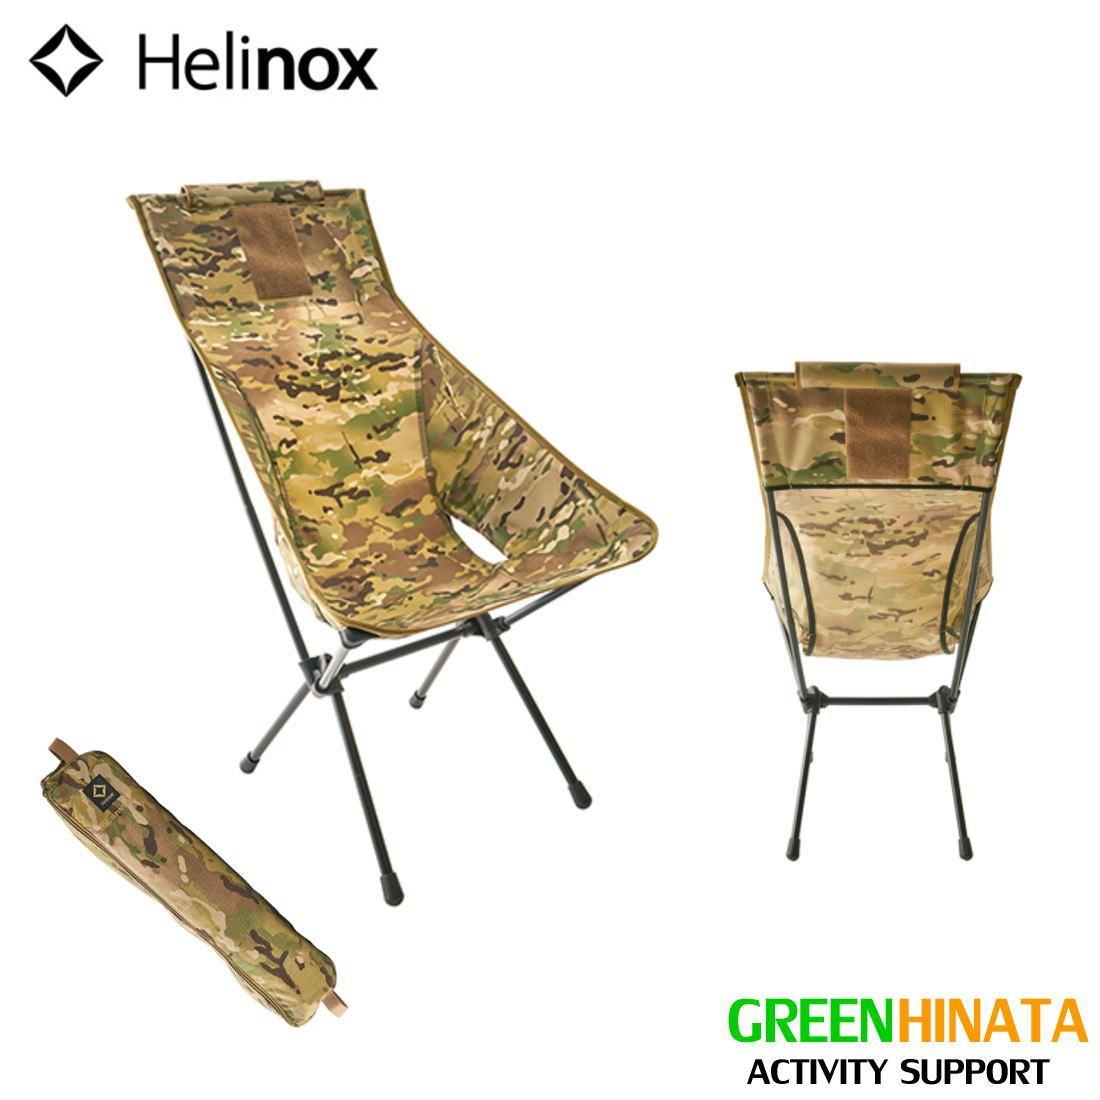 【国内正規品 Tactical】 ヘリノックス タクティカルサンセットチェア 折りたたみ椅子 HELINOX HELINOX ヘリノックス Tactical チェアー, Ikebe大阪プレミアム:4e8d74b2 --- data.gd.no